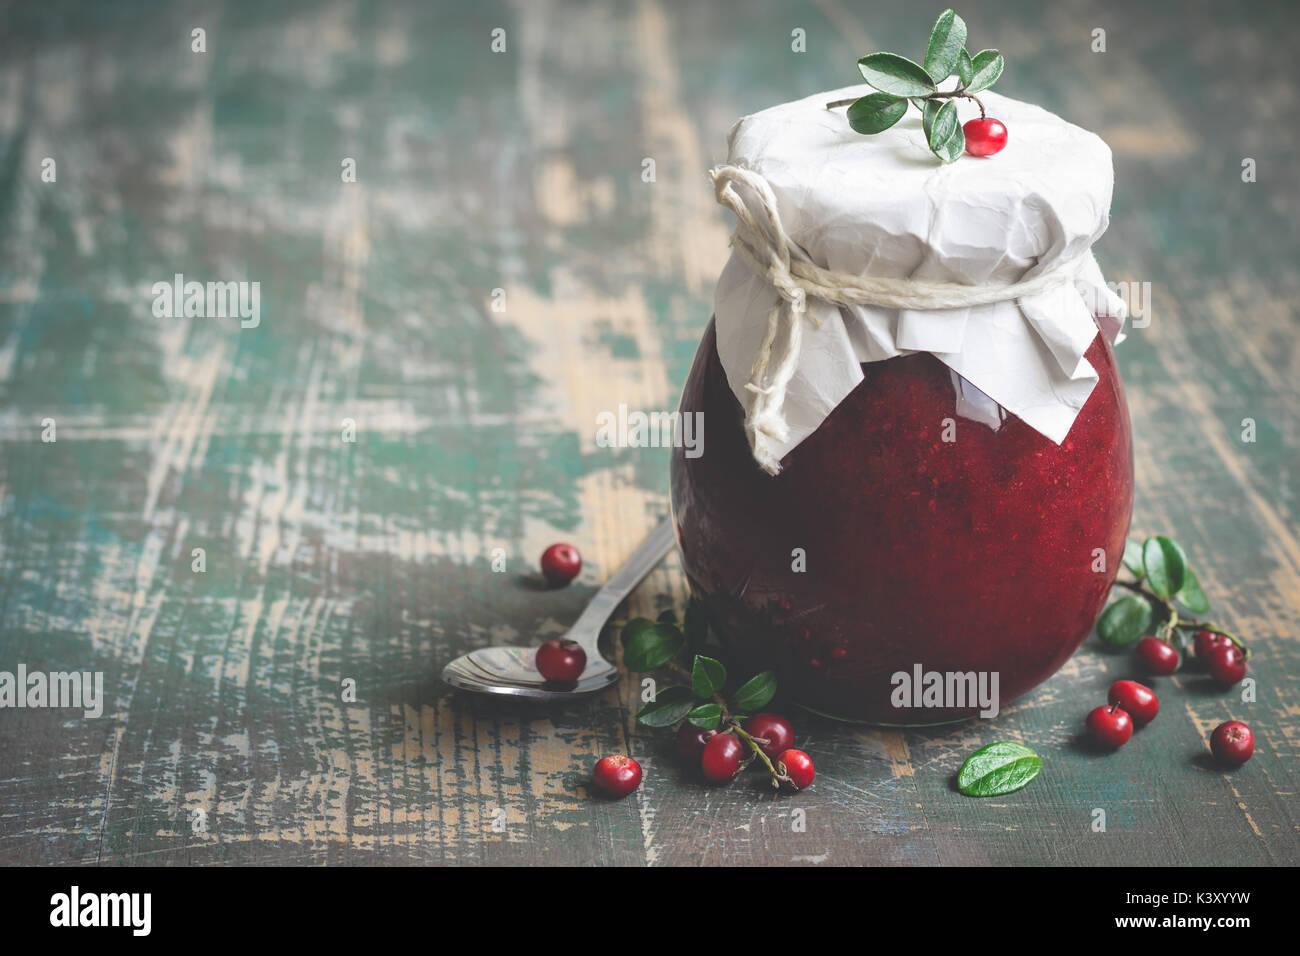 Lingonberry inceppamento nel vaso e frutti di bosco freschi. Messa a fuoco selettiva, spazio di copia Immagini Stock